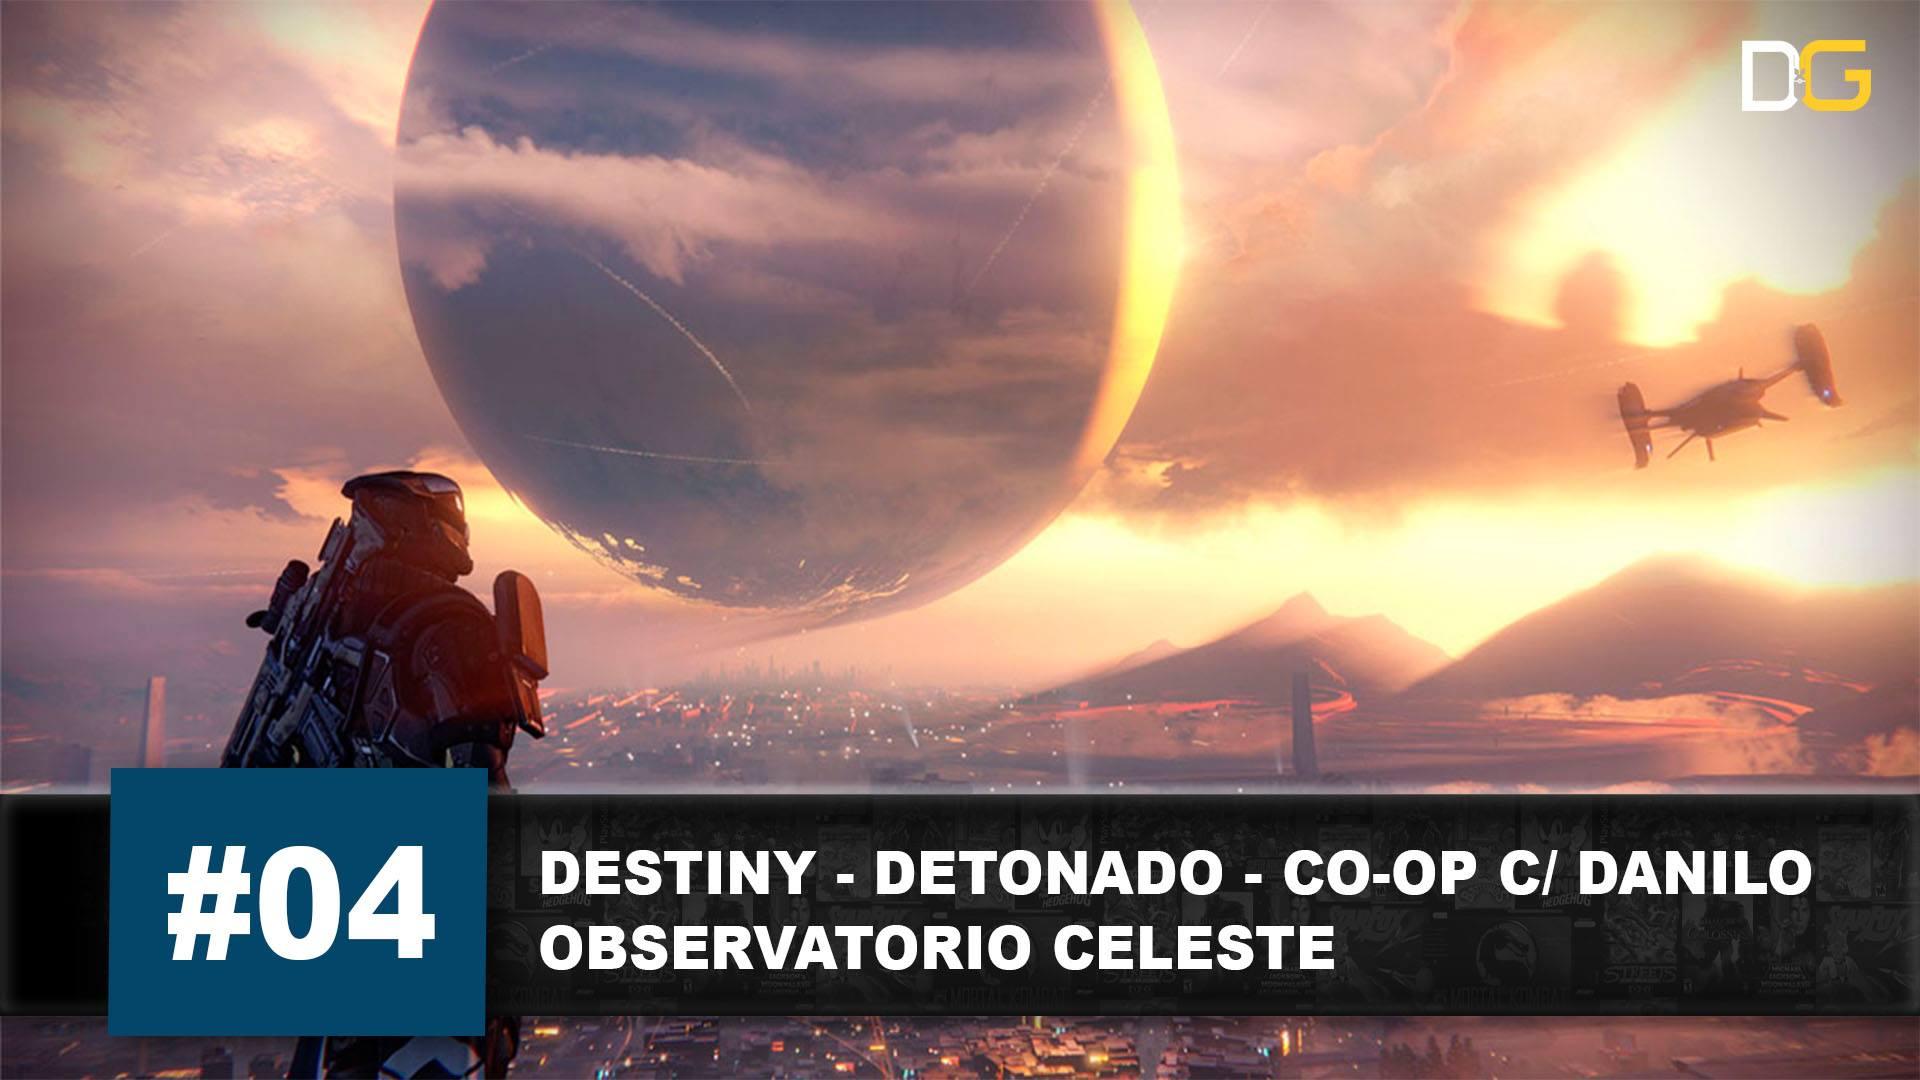 Destiny - Detonado - Observatório Celeste - Imagem